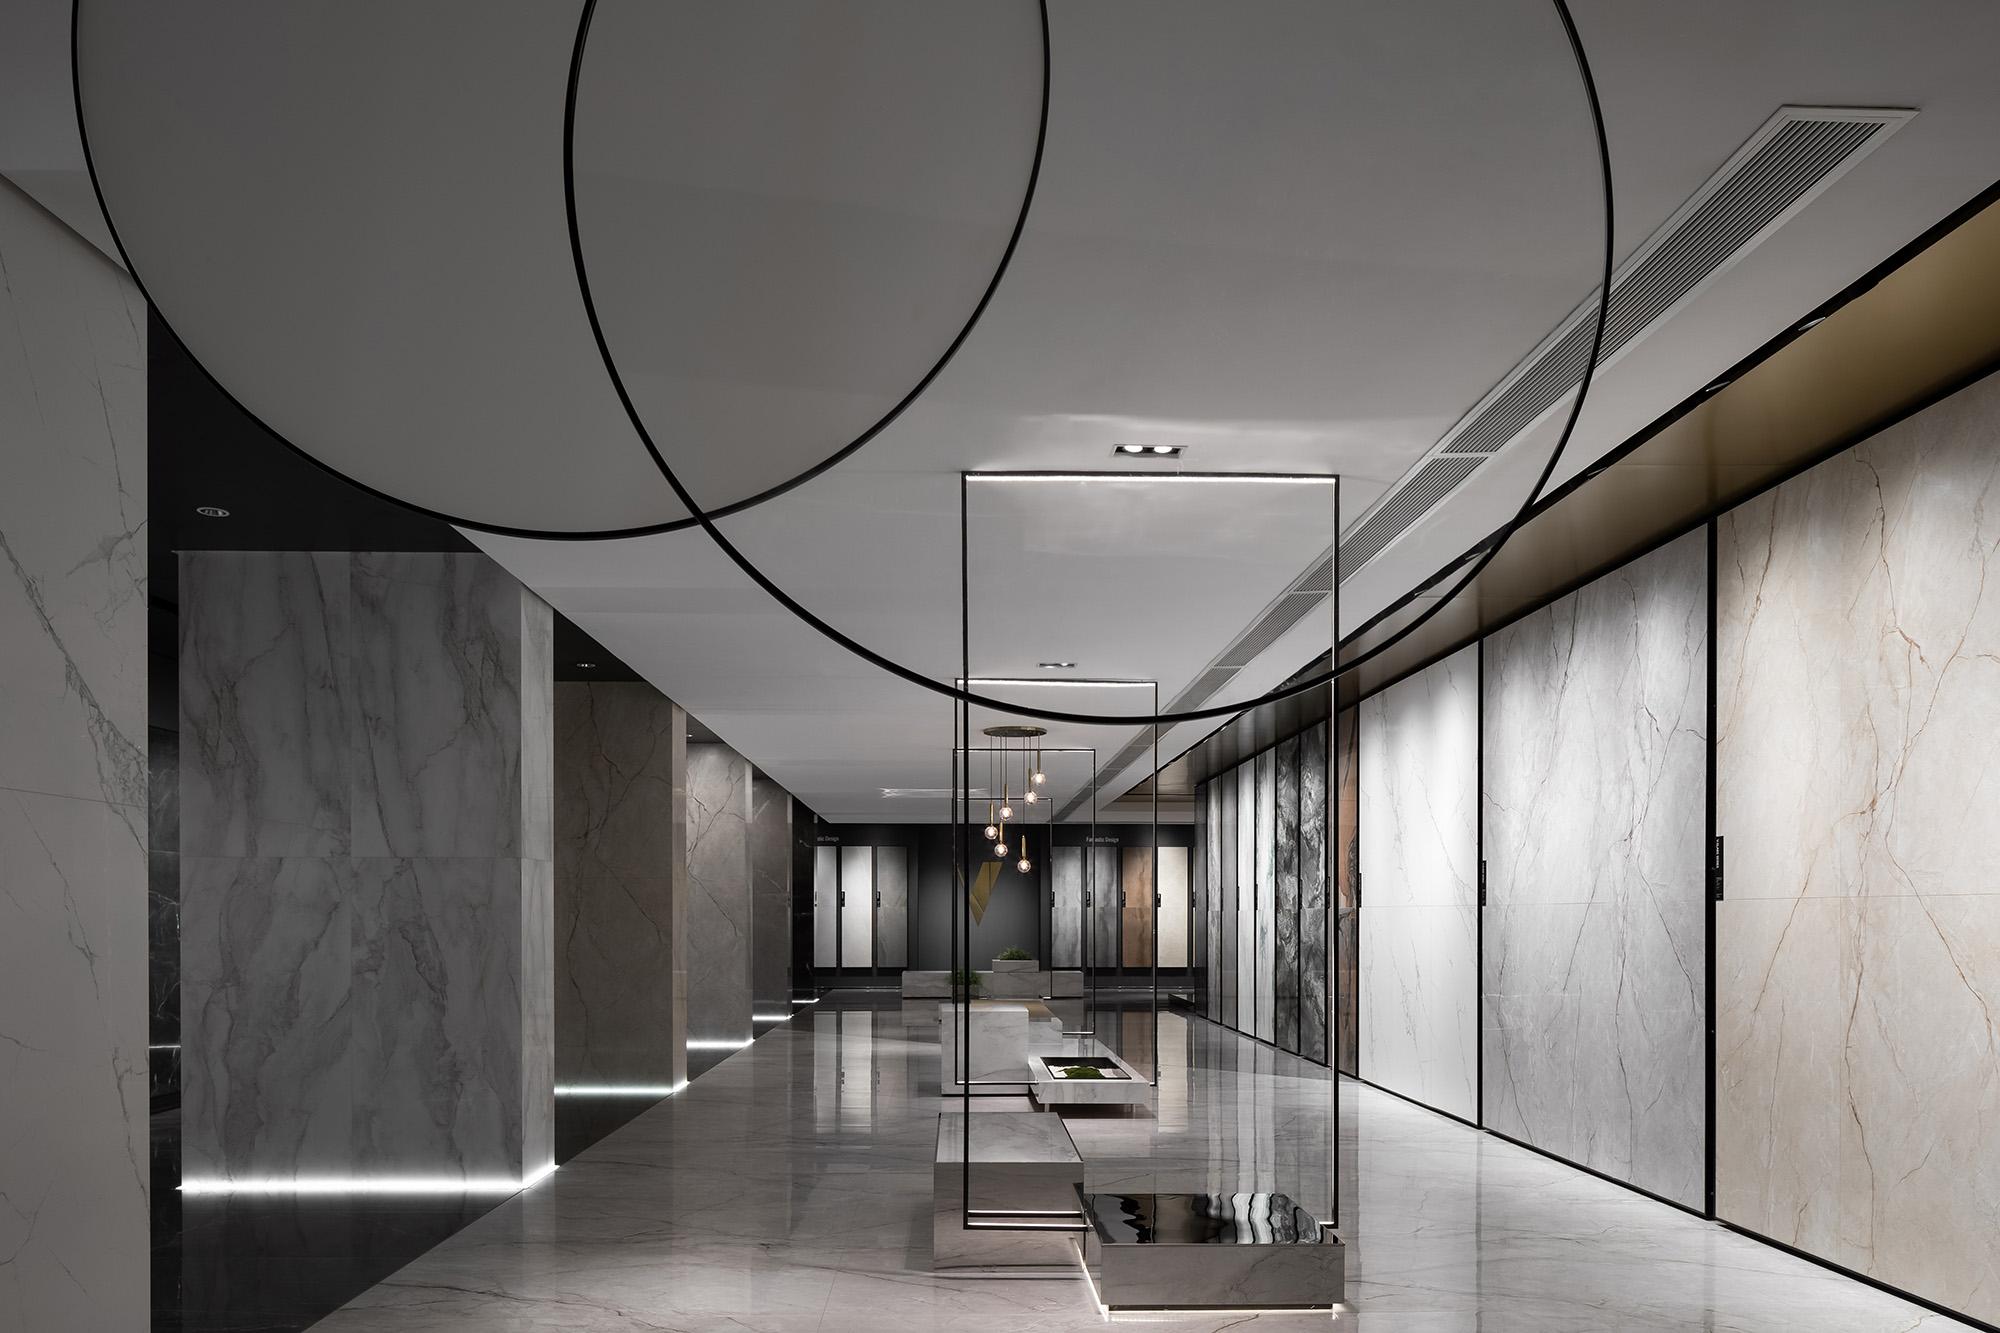 VIRG casa總部展廳:讓意式美學在東方情境中自然流淌